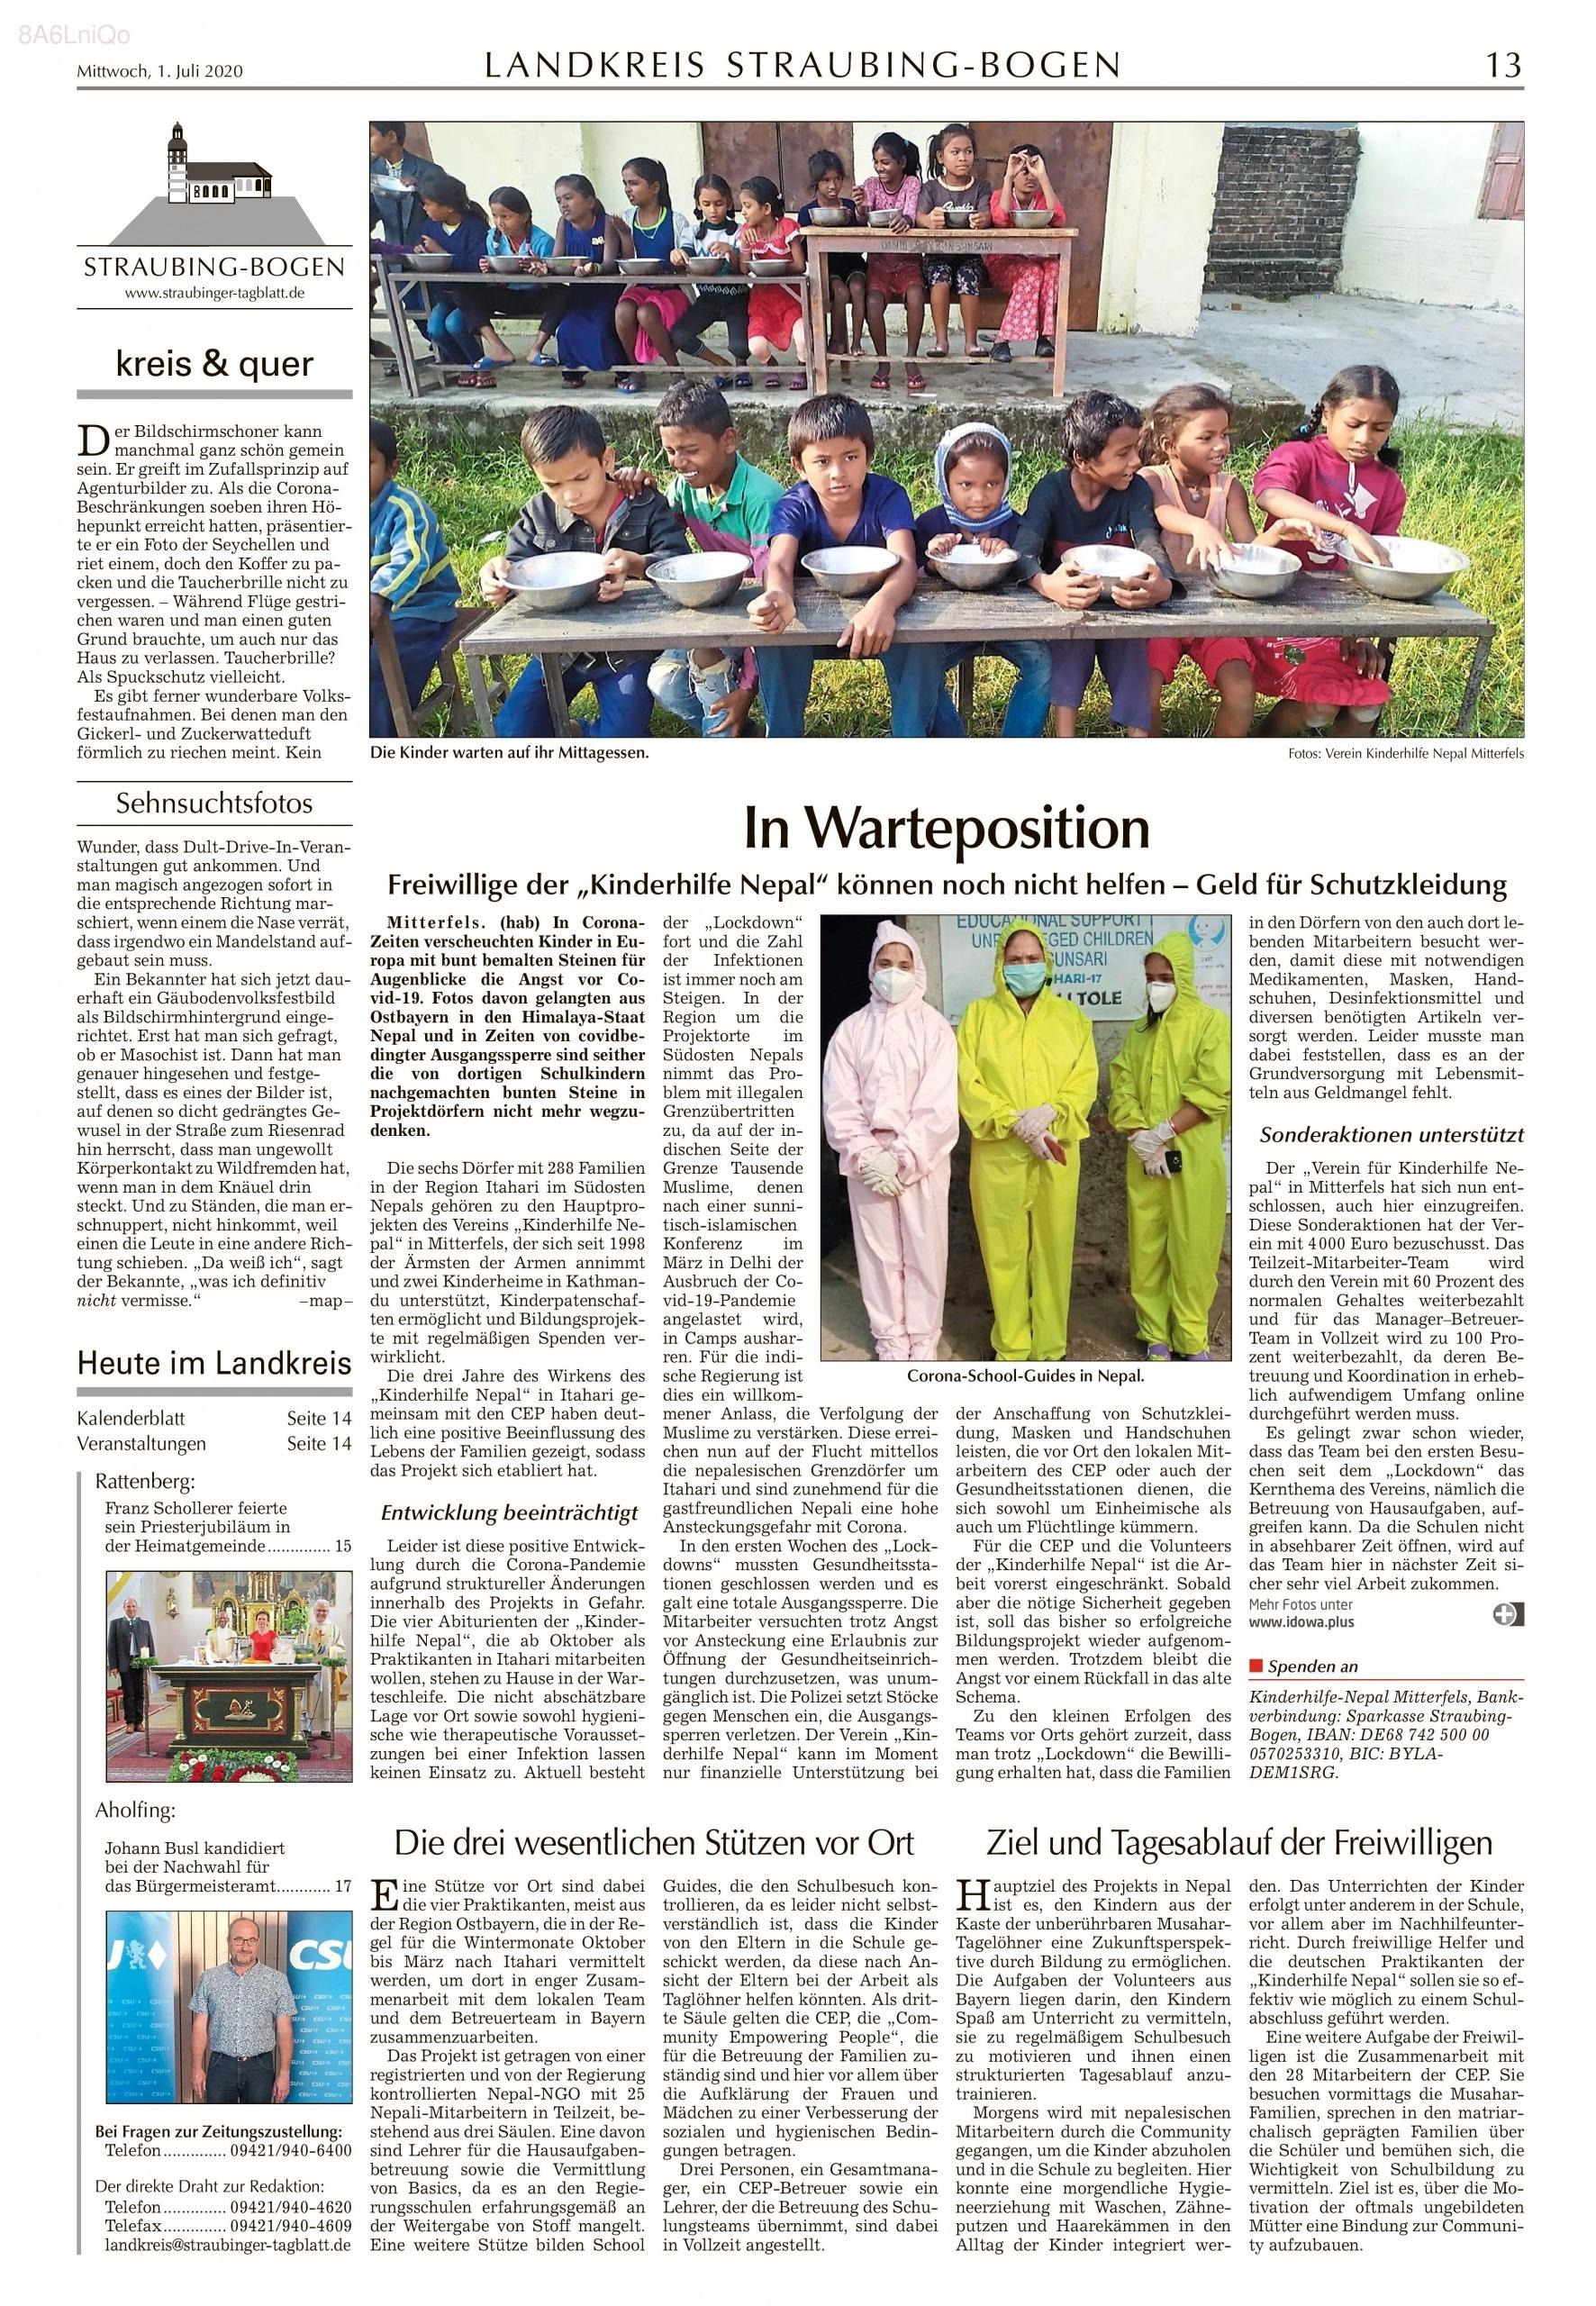 Zeitungsartikel vom 01.07.2020 im Straubinger Tagblatt